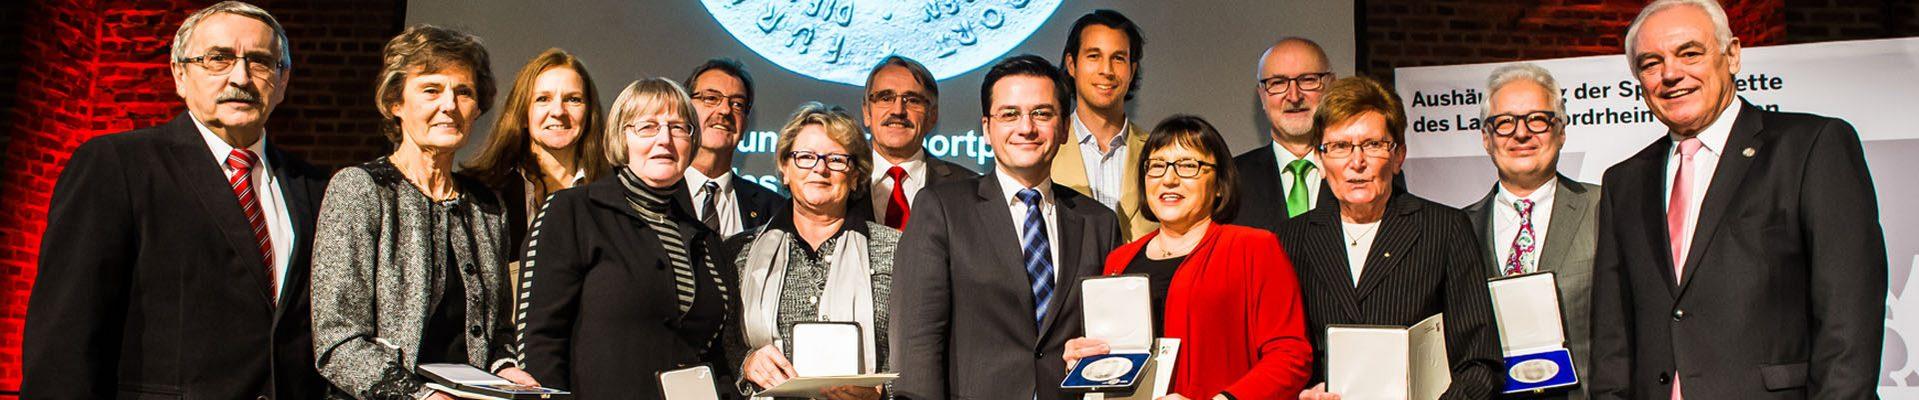 Preisträger der Sportplakette des Landes NRW